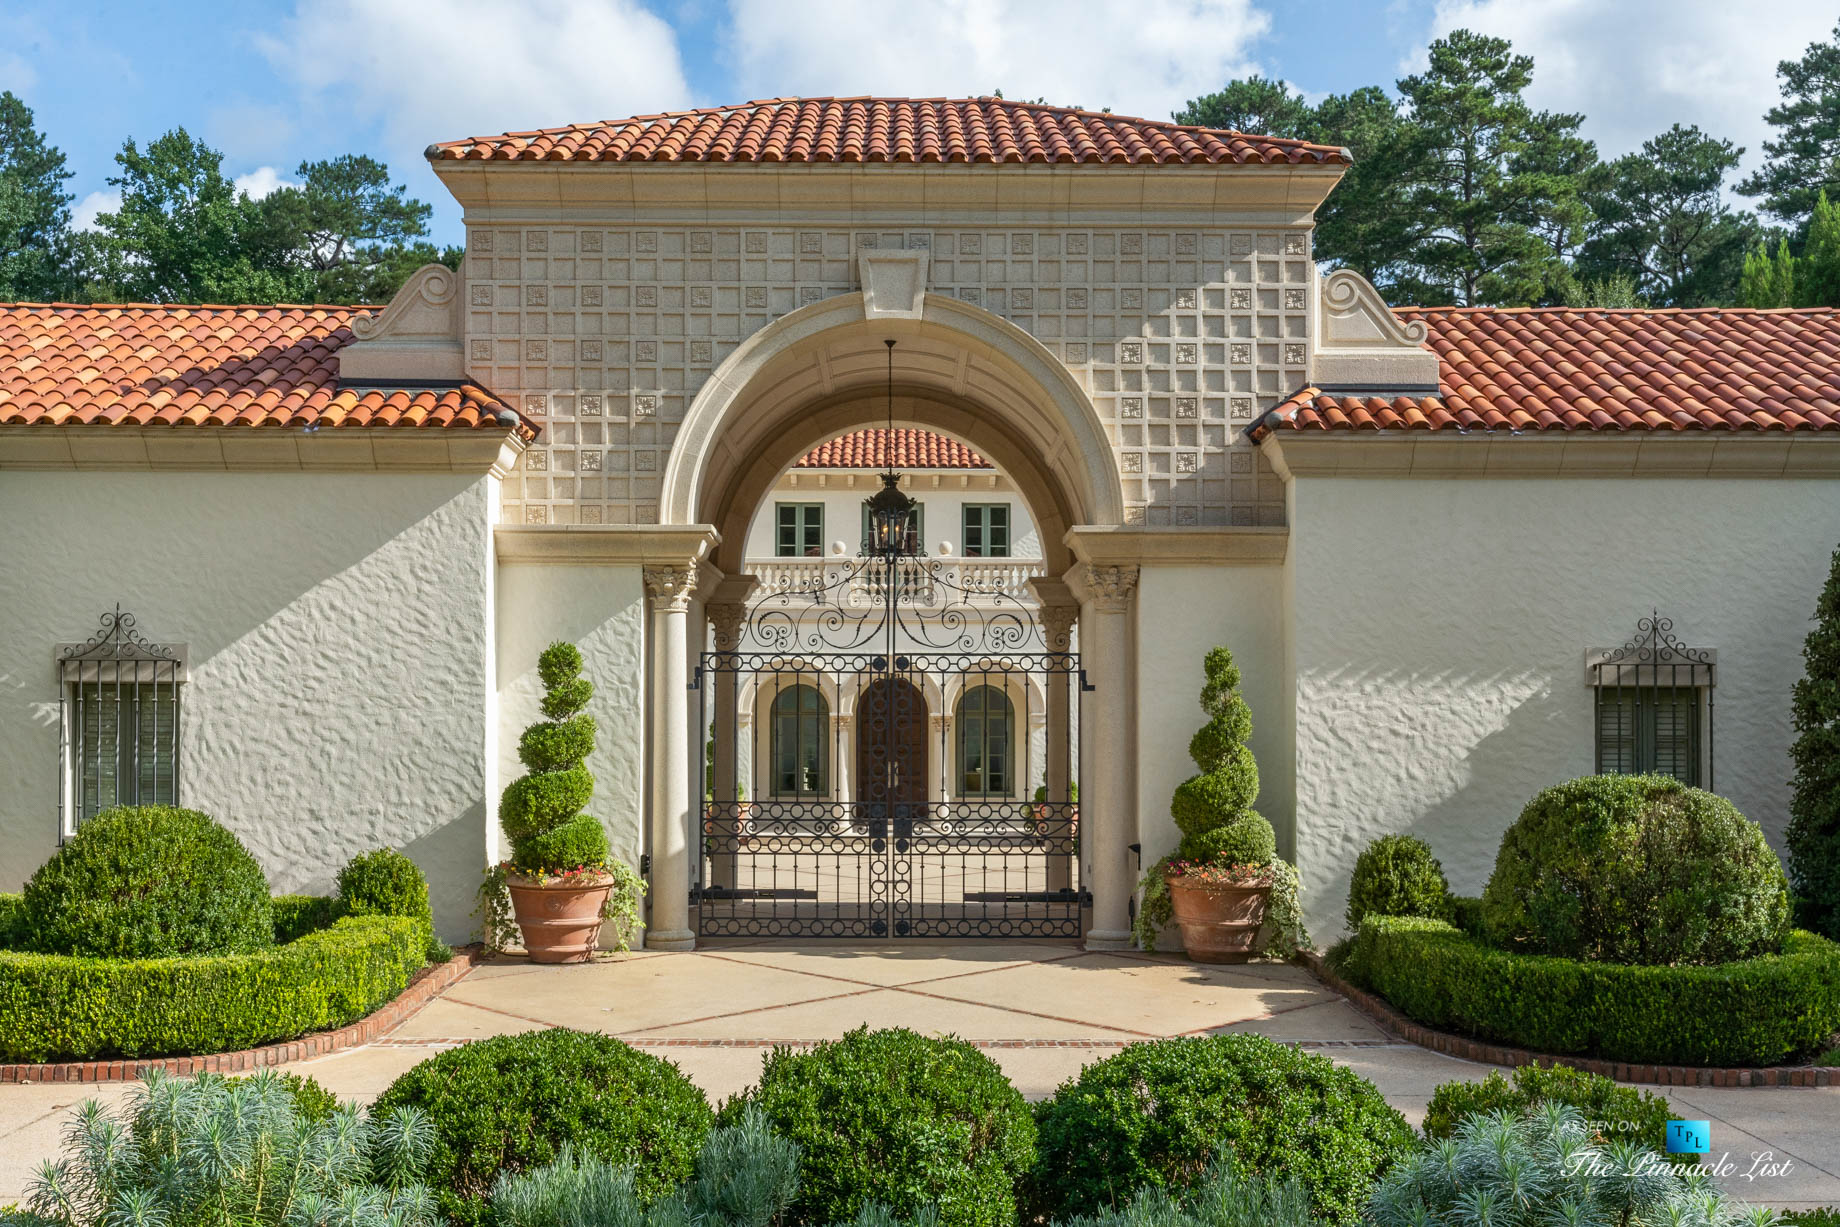 Tuxedo Park Mediterranean Estate - 439 Blackland Rd NW, Atlanta, GA, USA - Front Gate